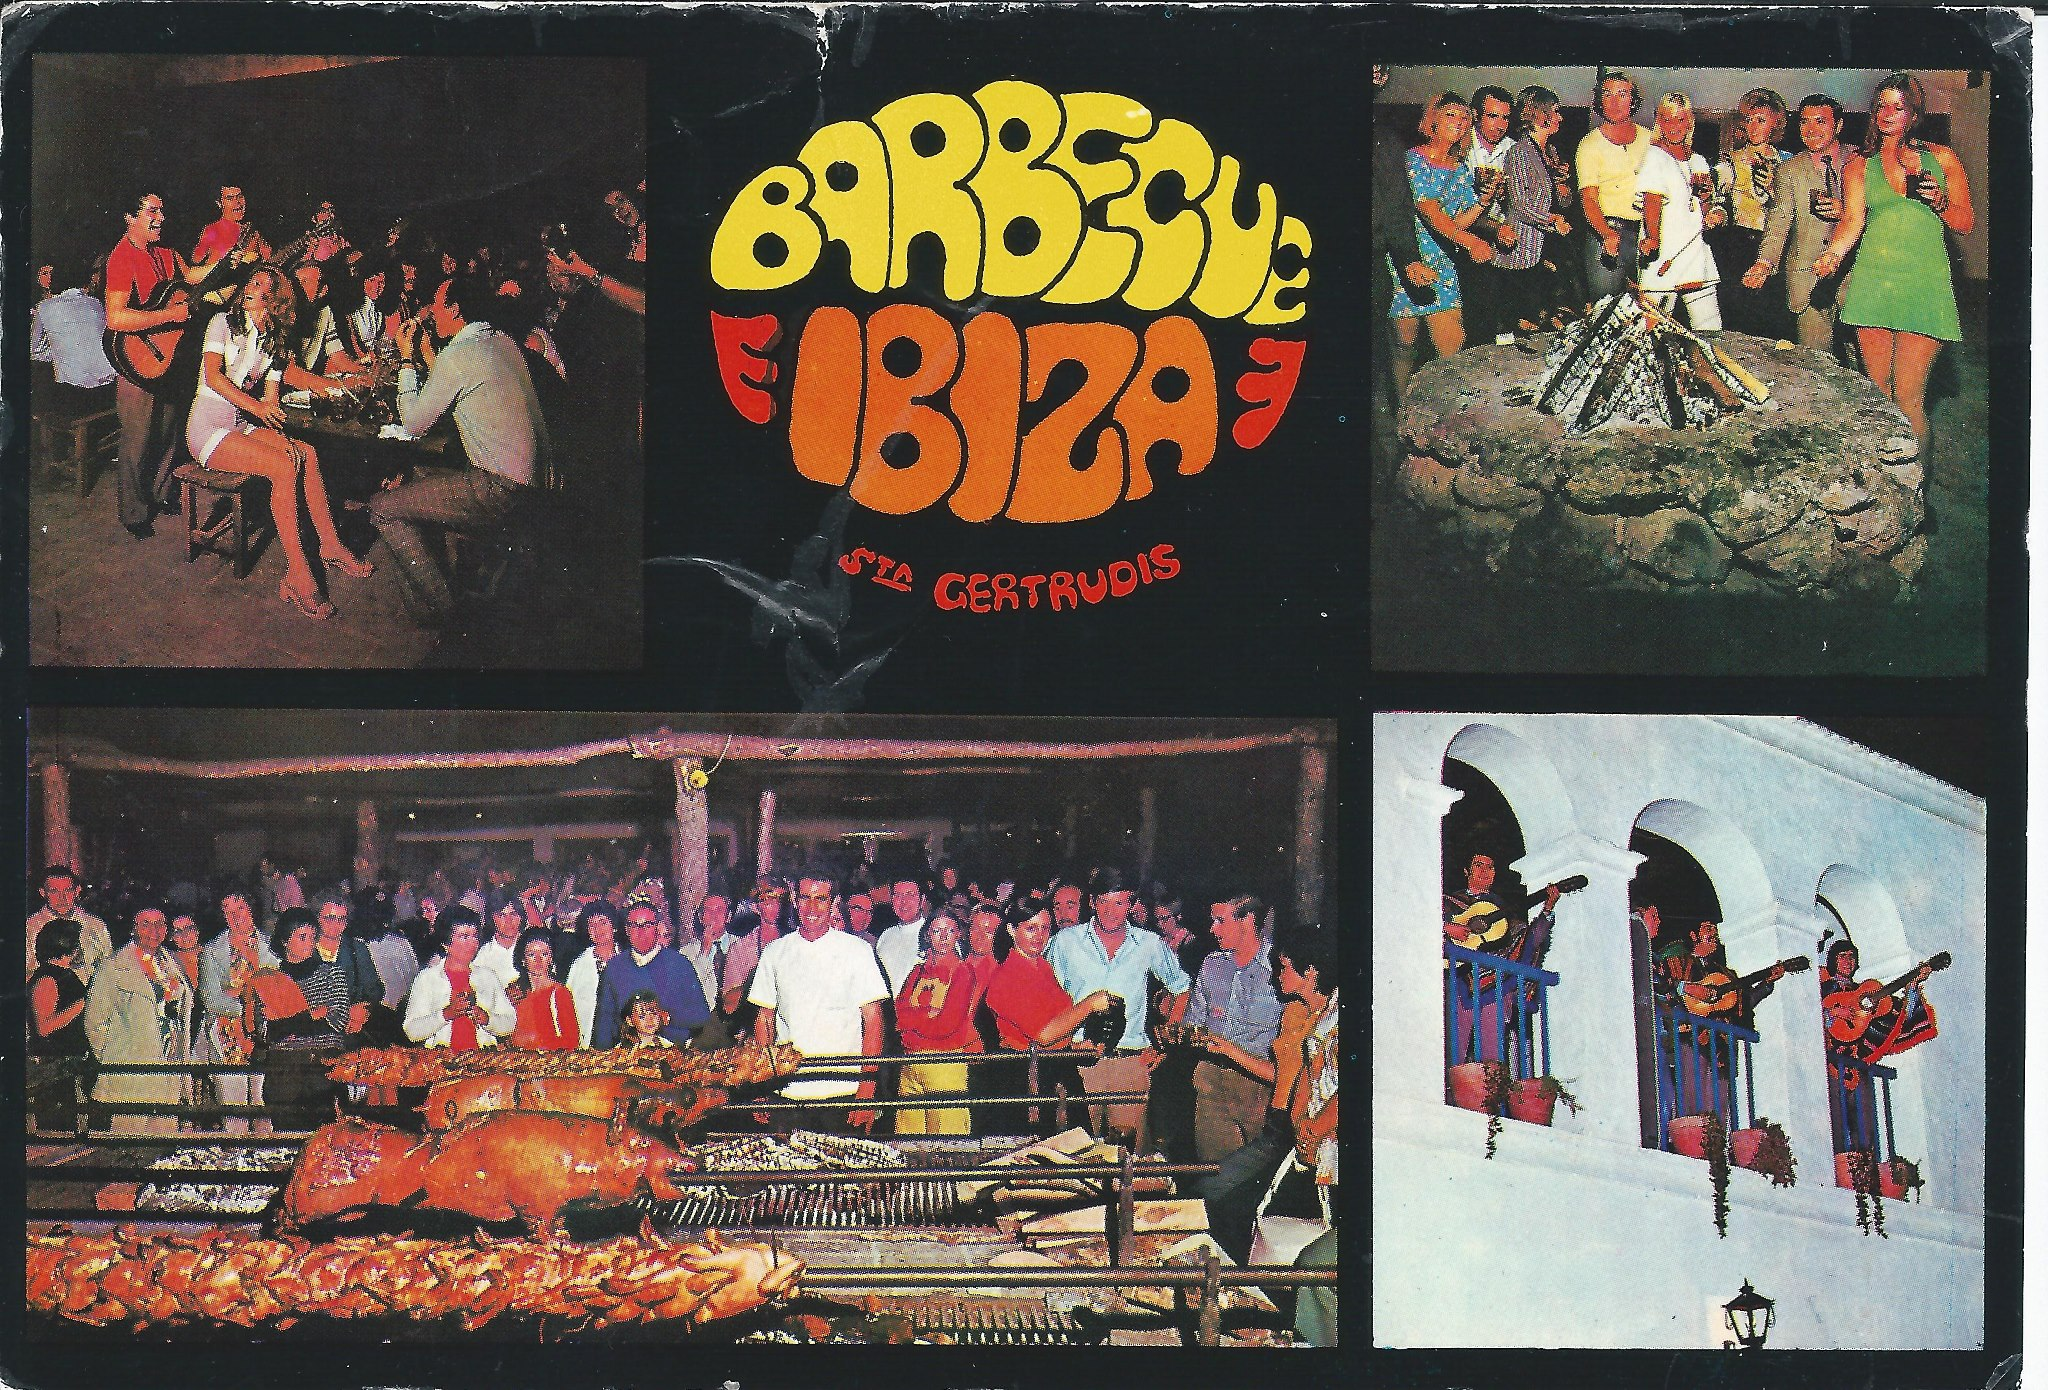 bbq-gertrudis-1973